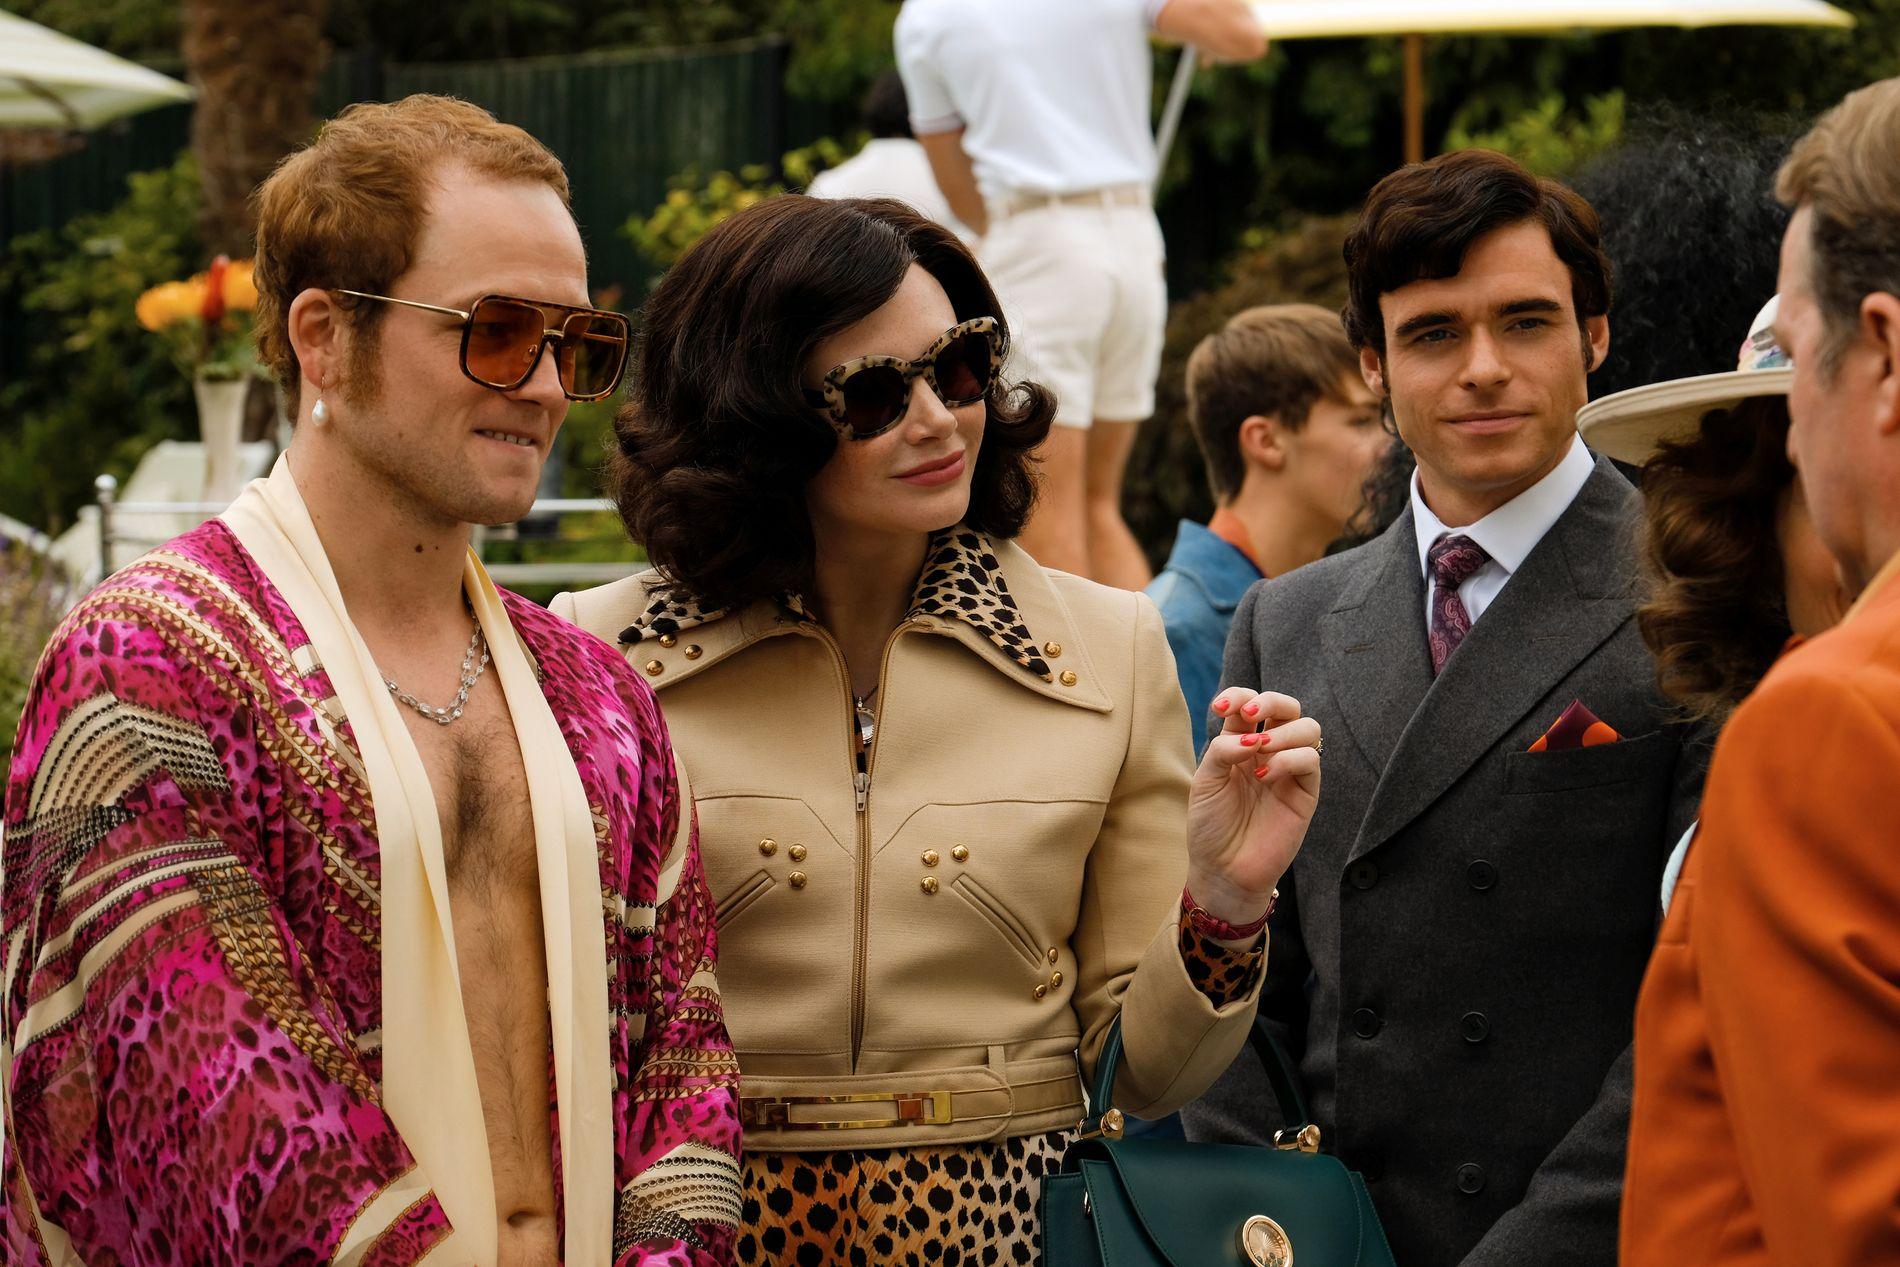 STJERNE: Egerton som John og Bryce Dallas Howard som moren Sheila. Madden som Reid i bakgrunnen.